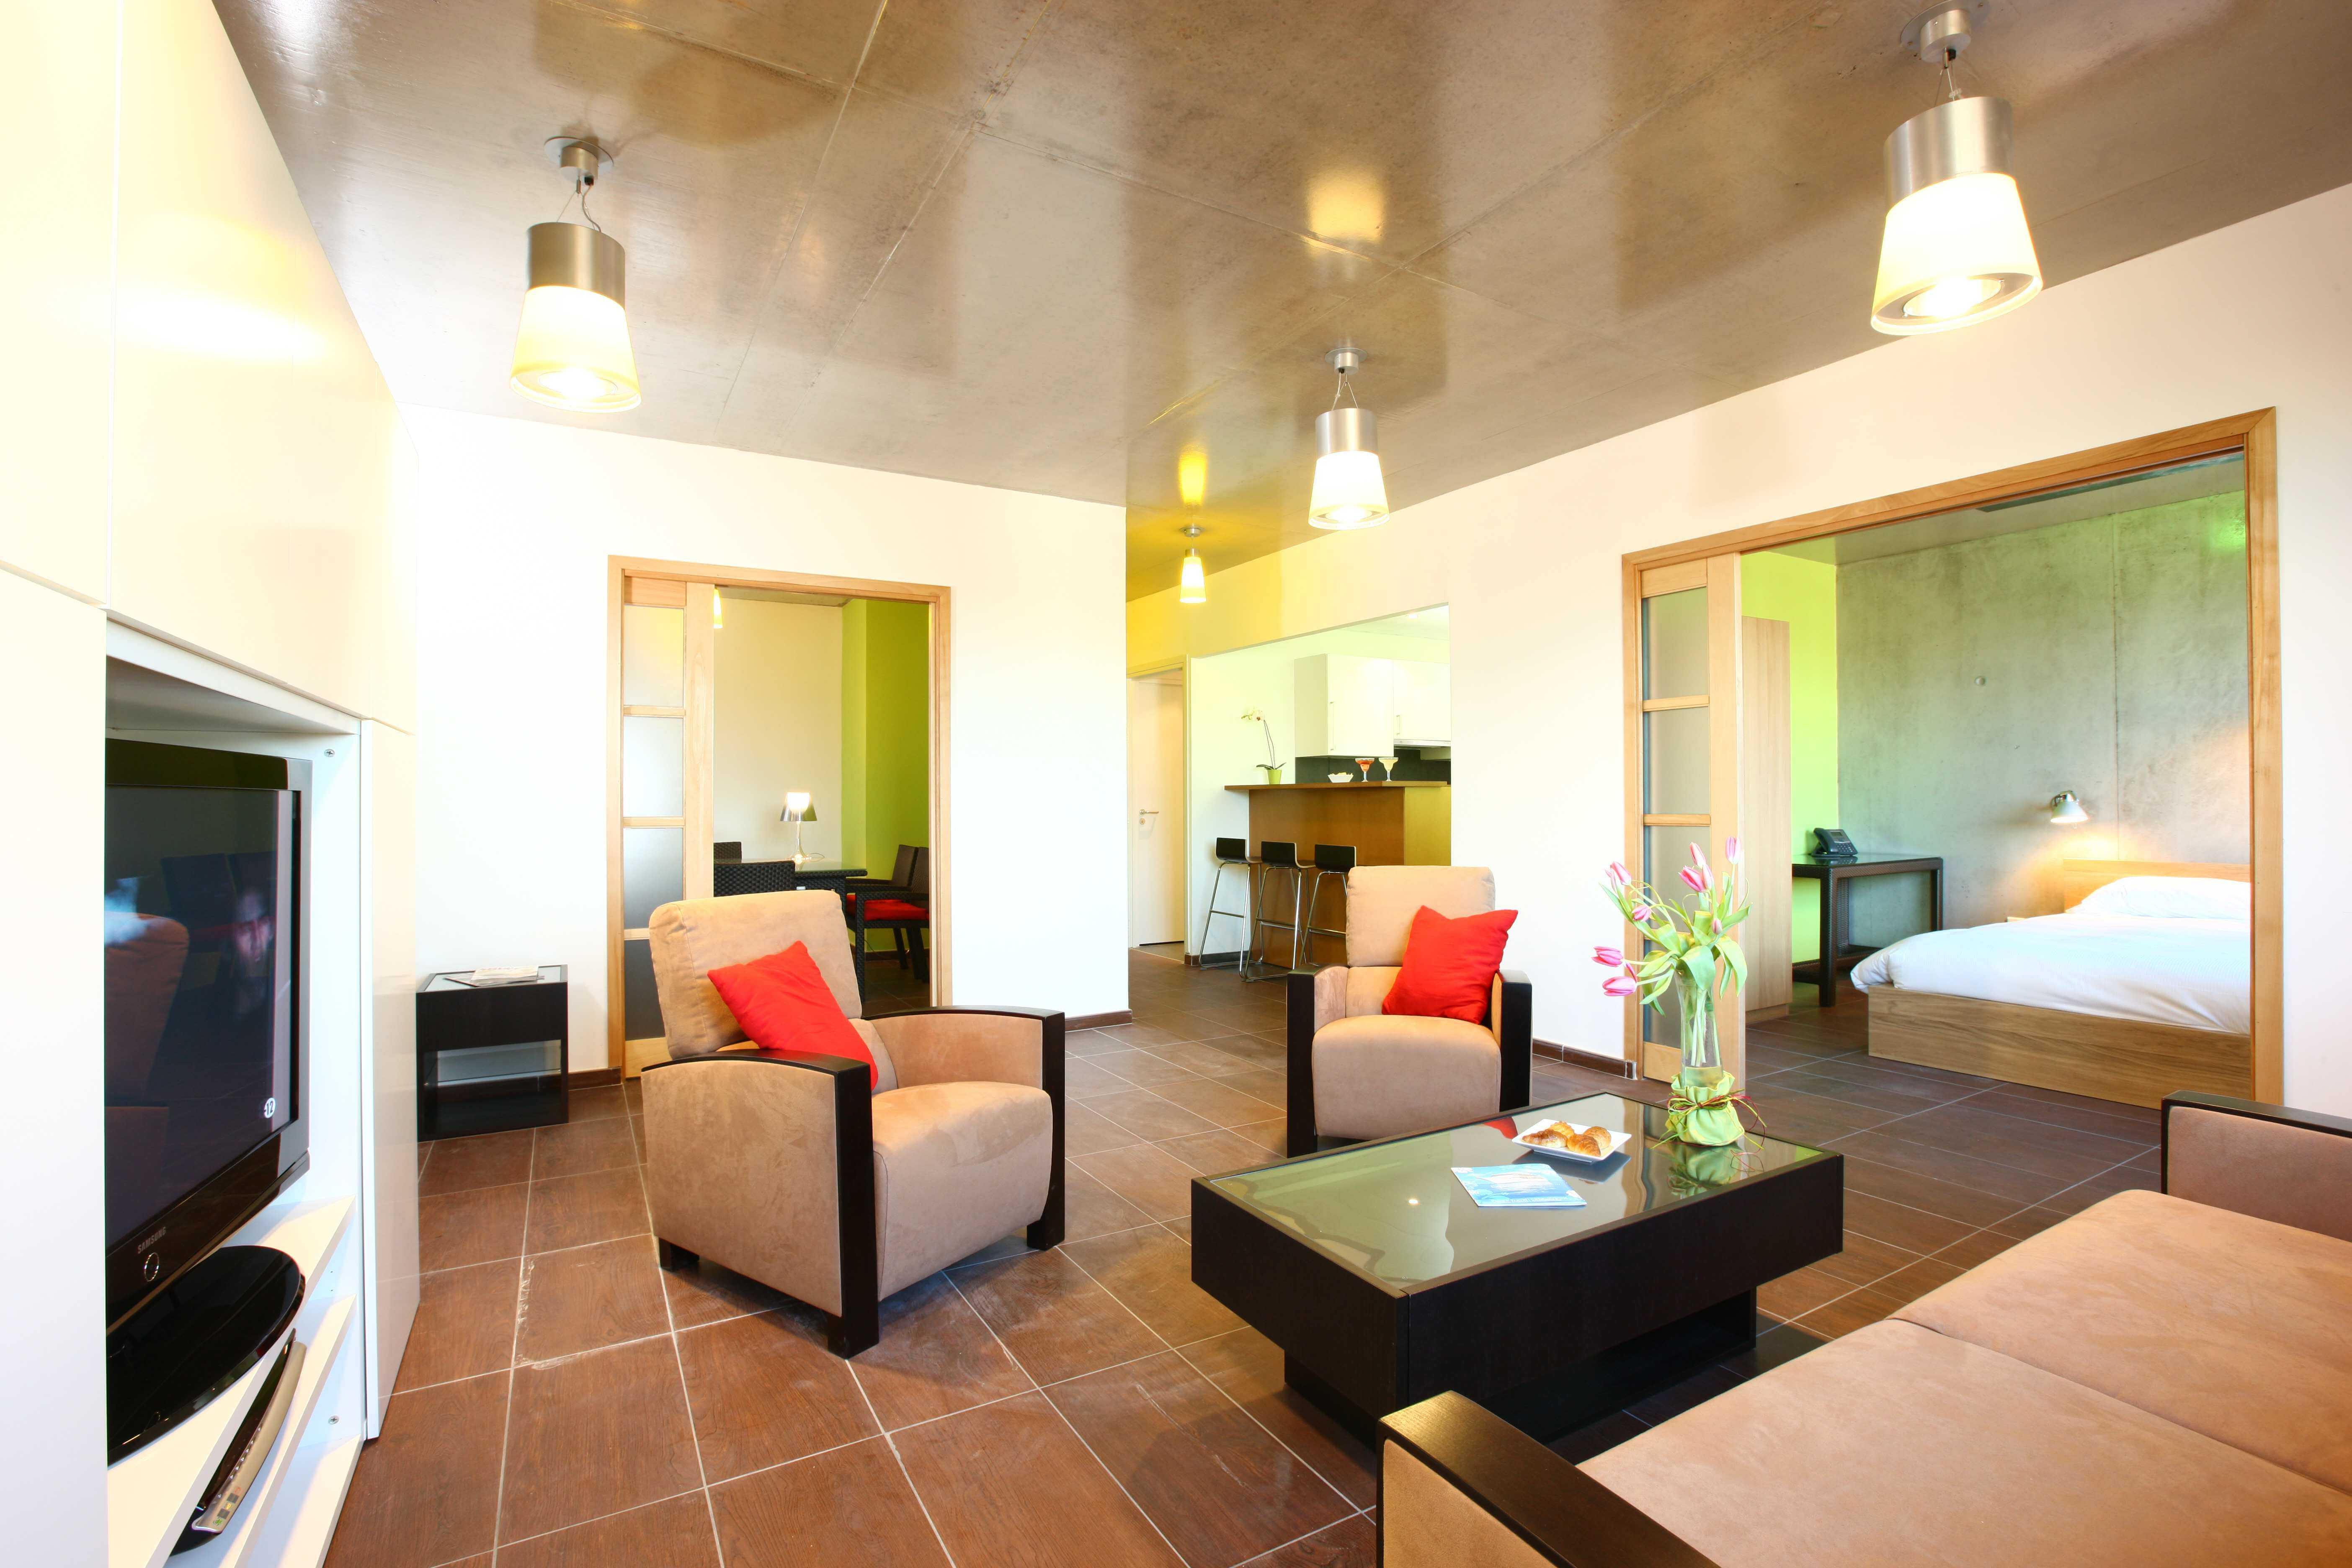 hôtel Lille appartement 3 pièces affaires deluxe Olivarius Apart'hotels Lille Villeneuve d'Ascq